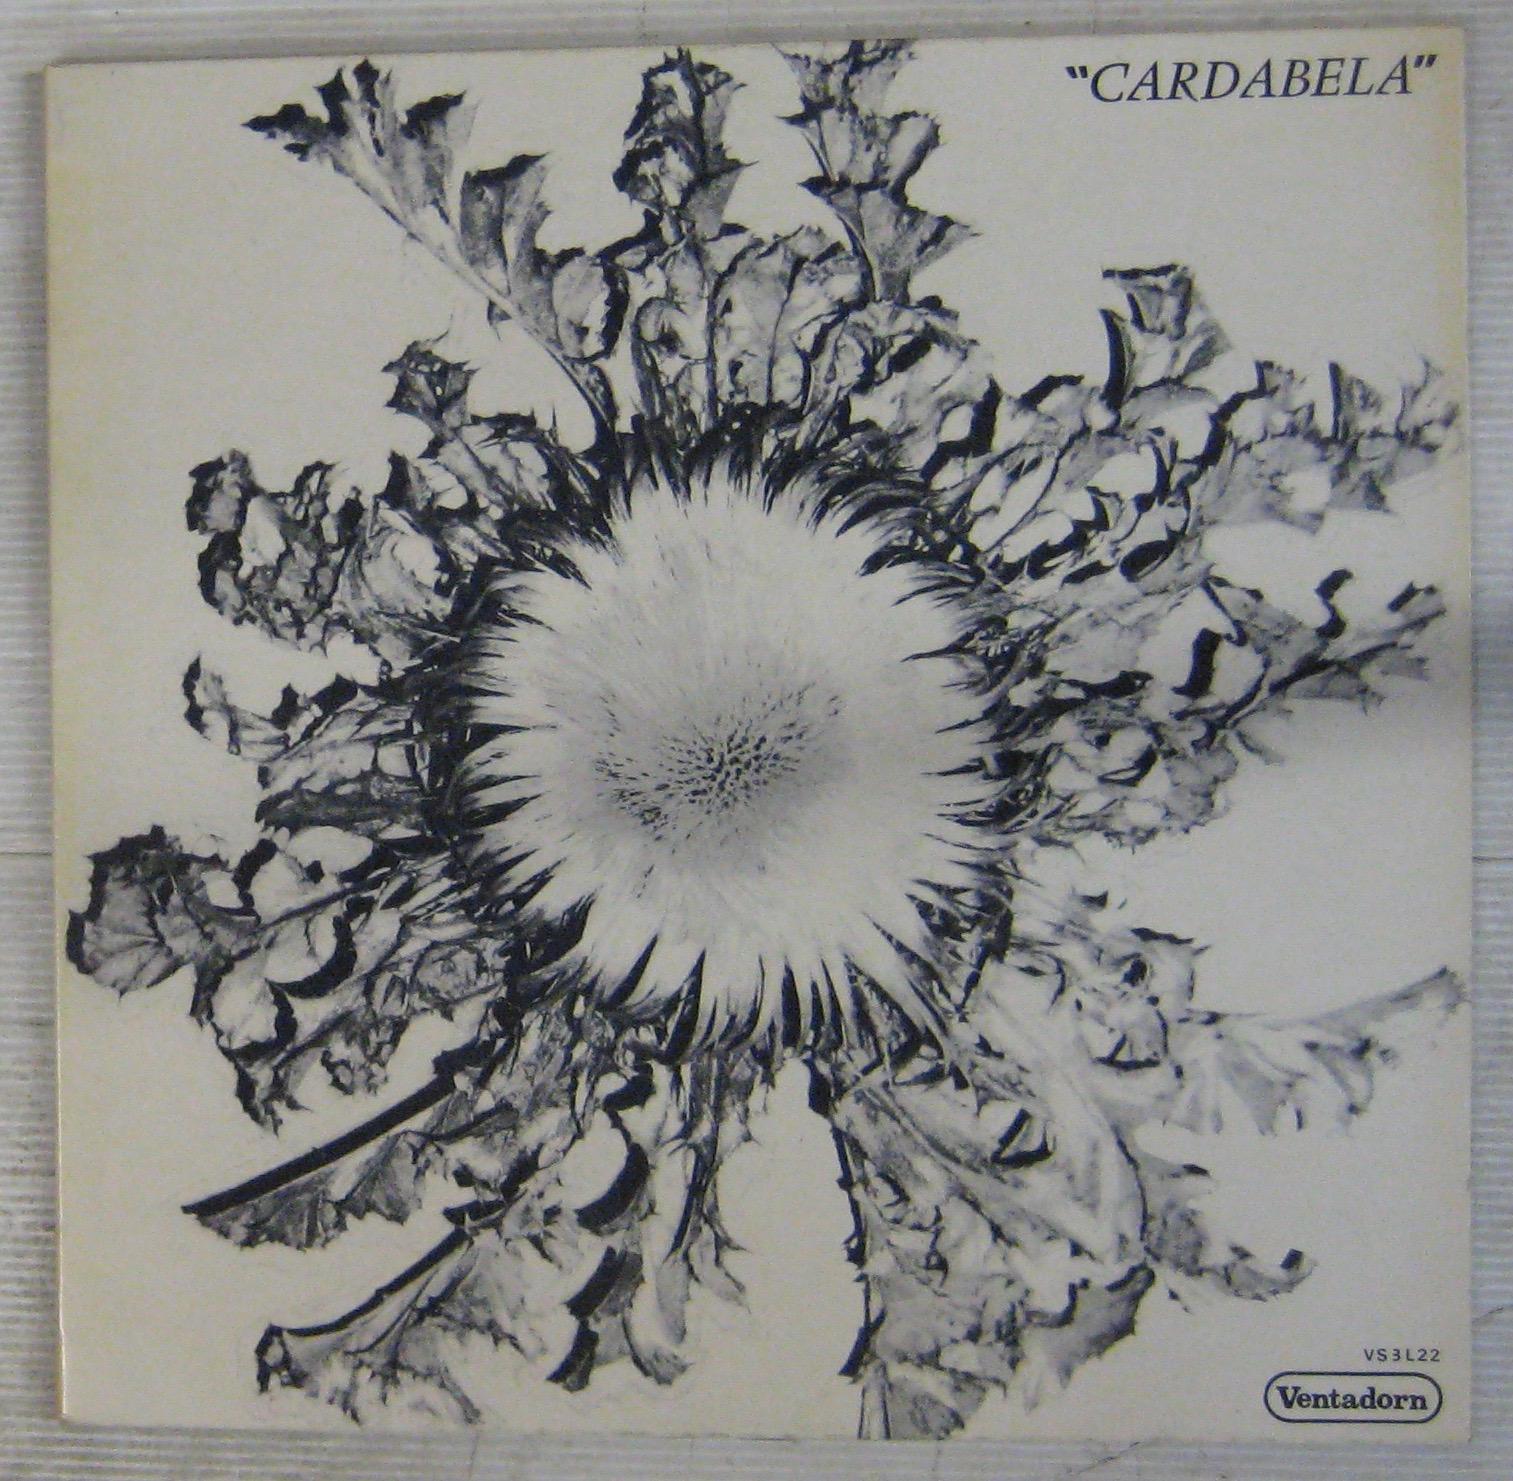 CARDABELA - Se canta - 33T Gatefold